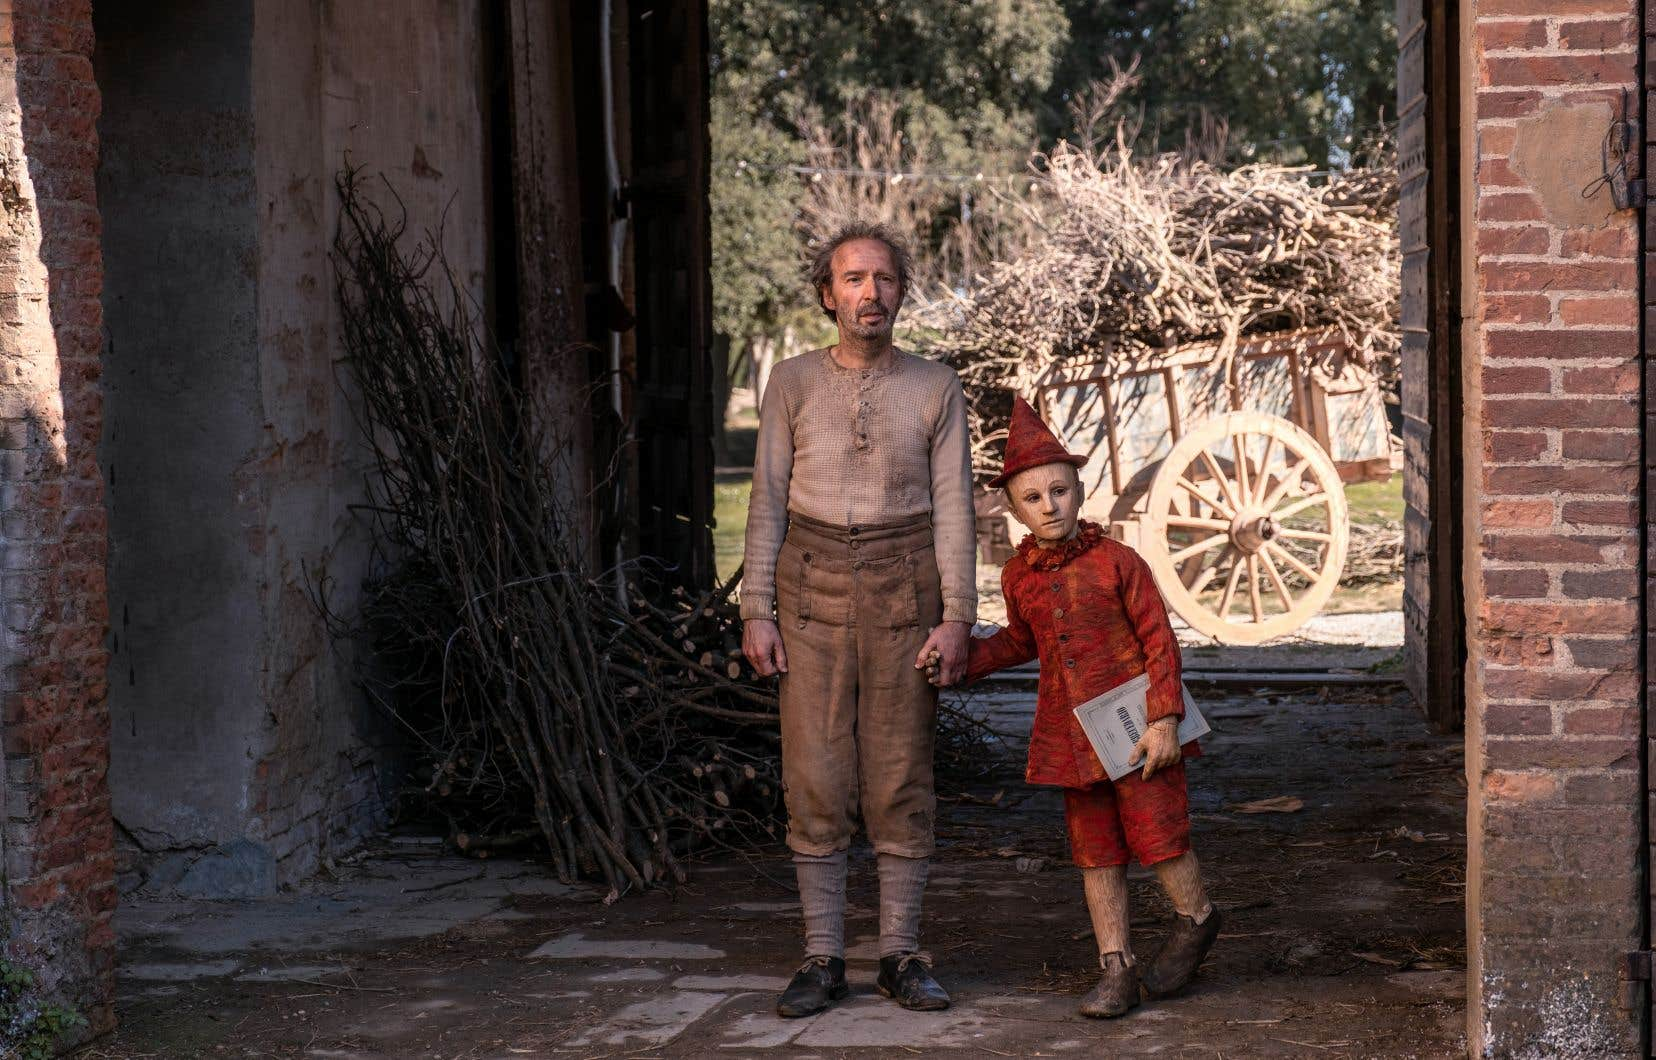 Filmé dans de magnifiques paysages toscans, théâtre de l'action originelle, «Pinocchio» débute dans un village où réside Geppetto (Roberto Benigni, drôle et touchant), un menuisier sans le sou.